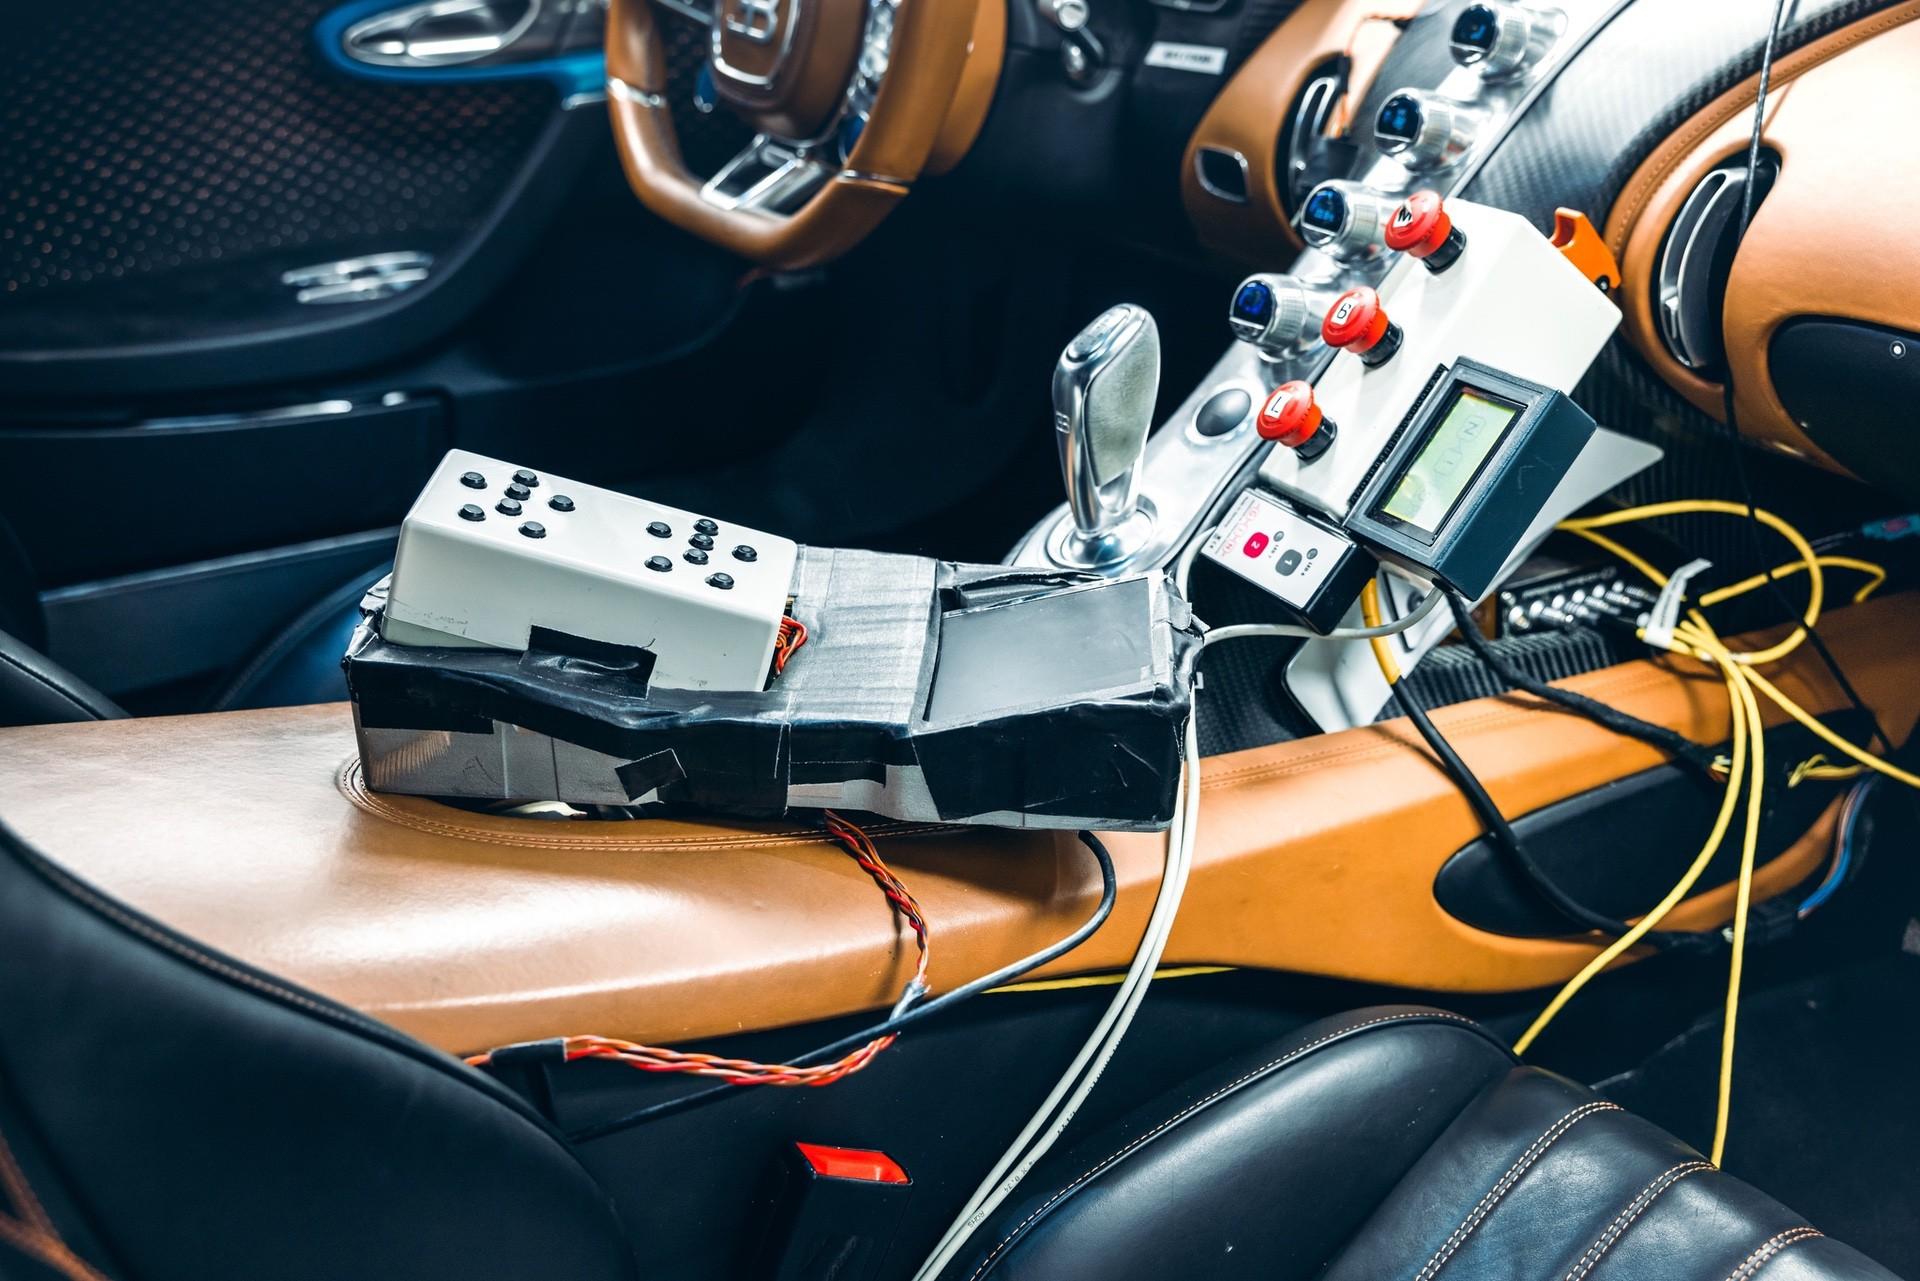 Bugatti_Chiron_Prototype_4-005-0008